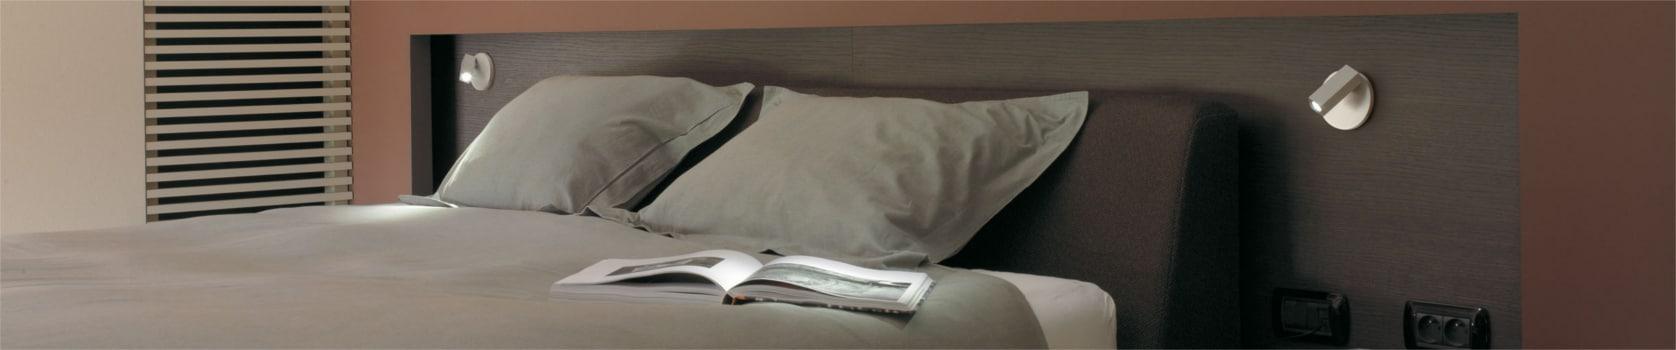 Slaapkamer verlichting - Koop je droomlampen online | dmlights